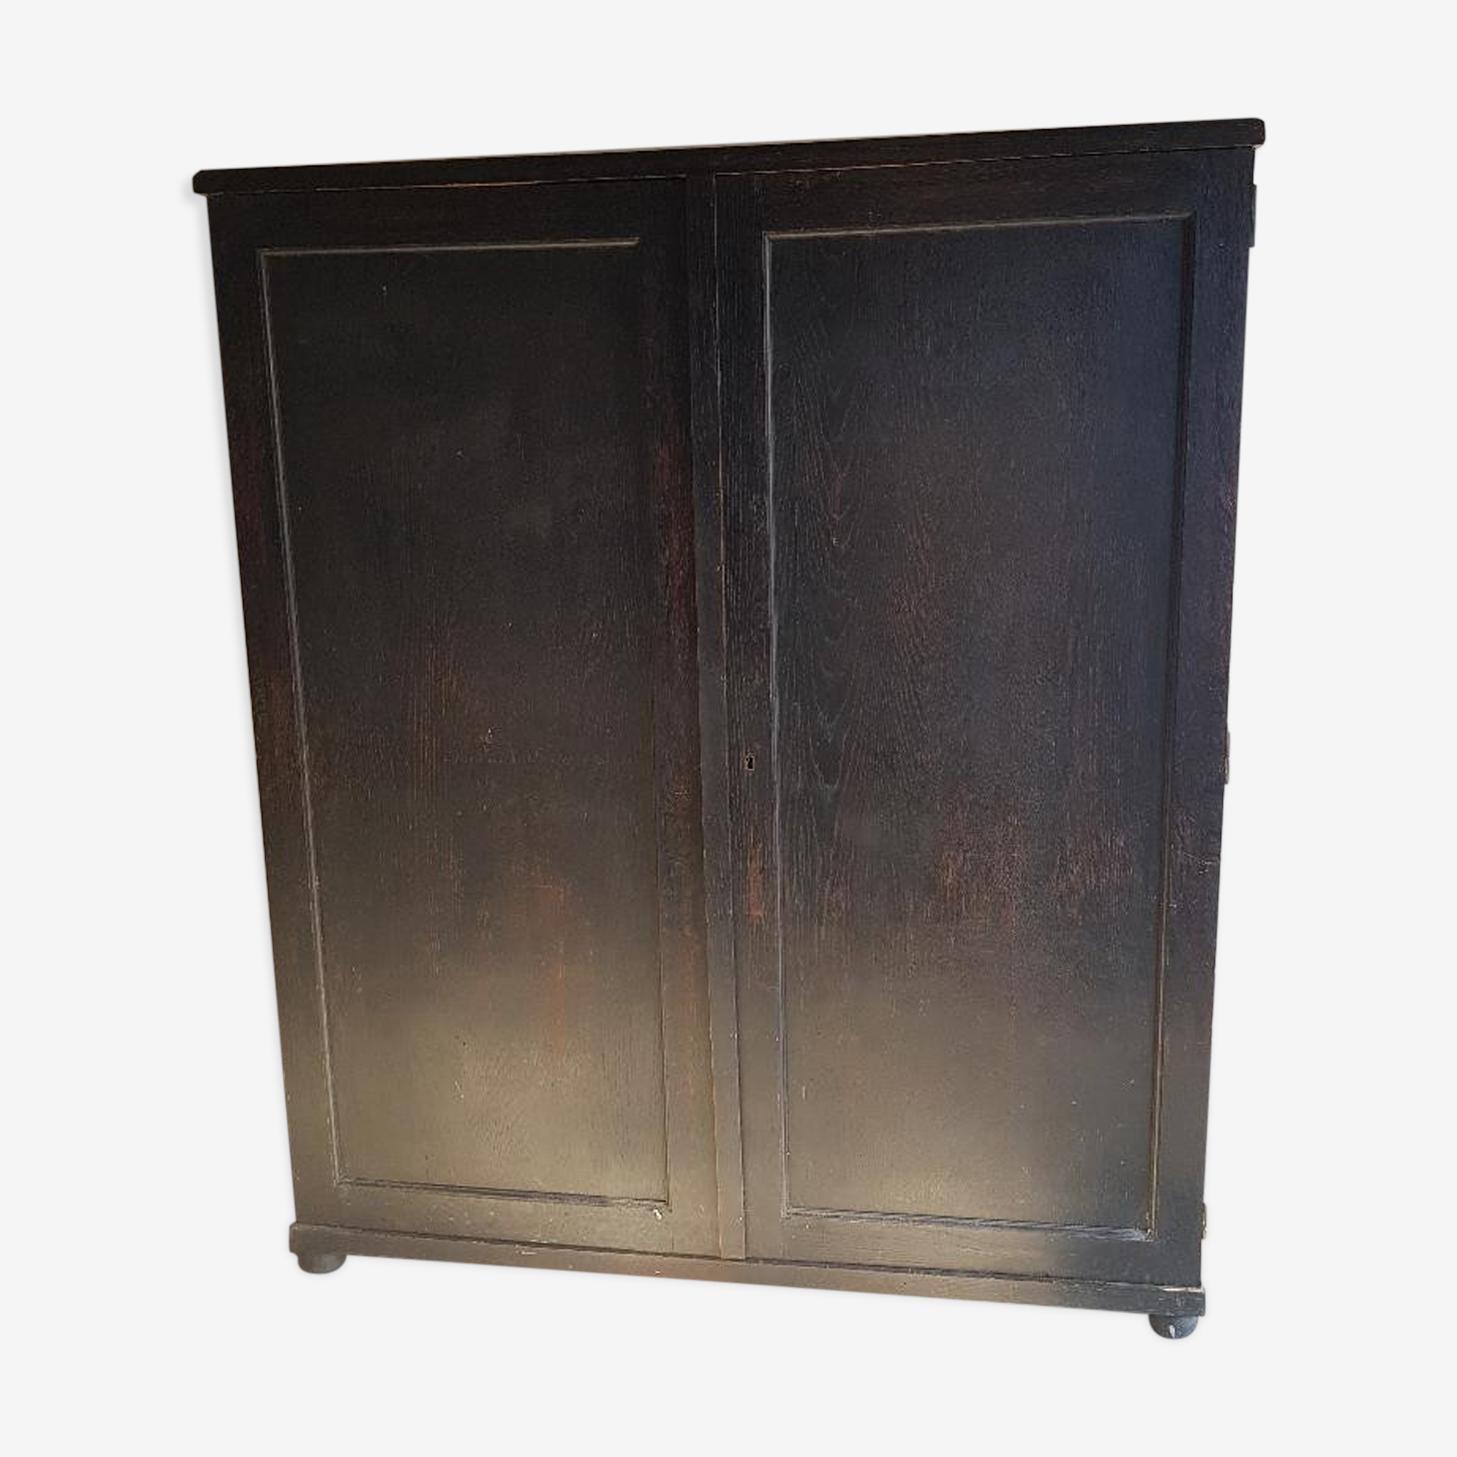 Armoire noire ancienne - tiroirs en bois et étiquettes d'origine